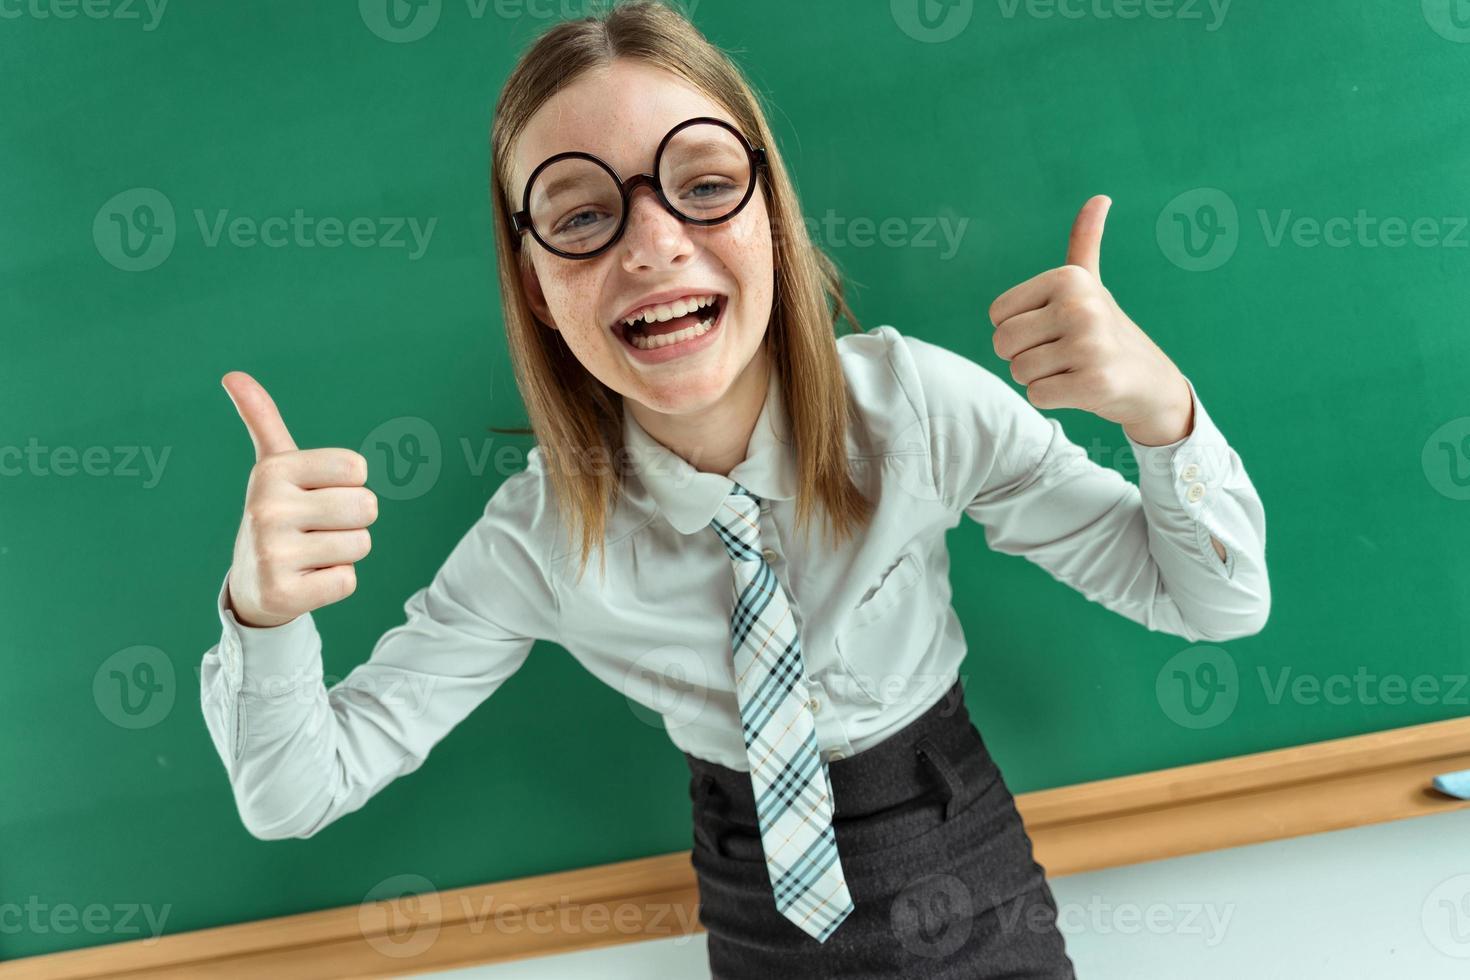 humoristische hoge hoekmening van gelukkig jong schoolmeisje foto